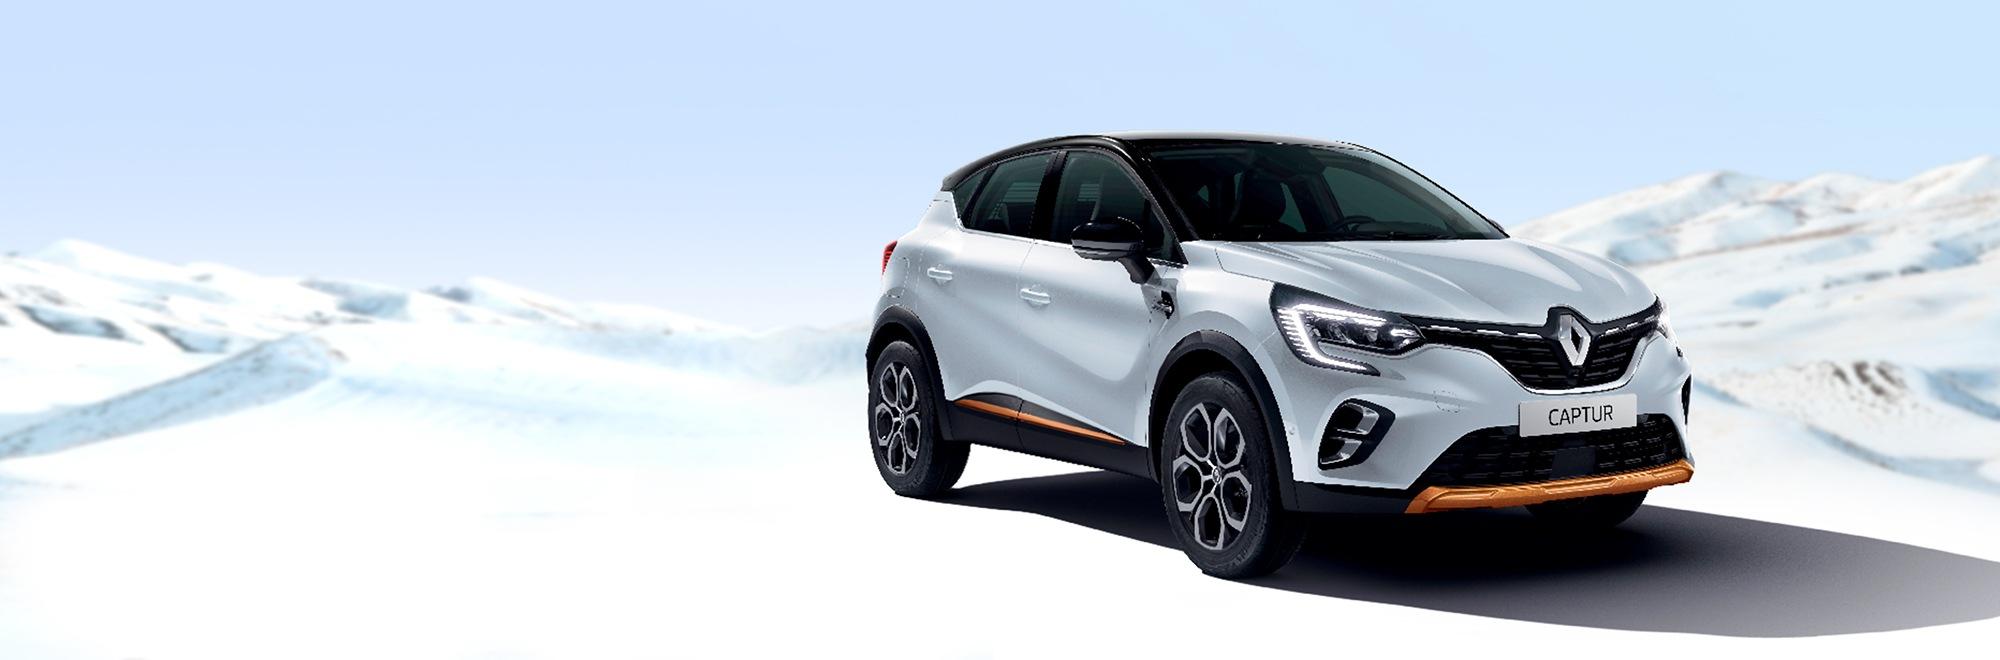 Renault Mehrwertsteuer geschenkt